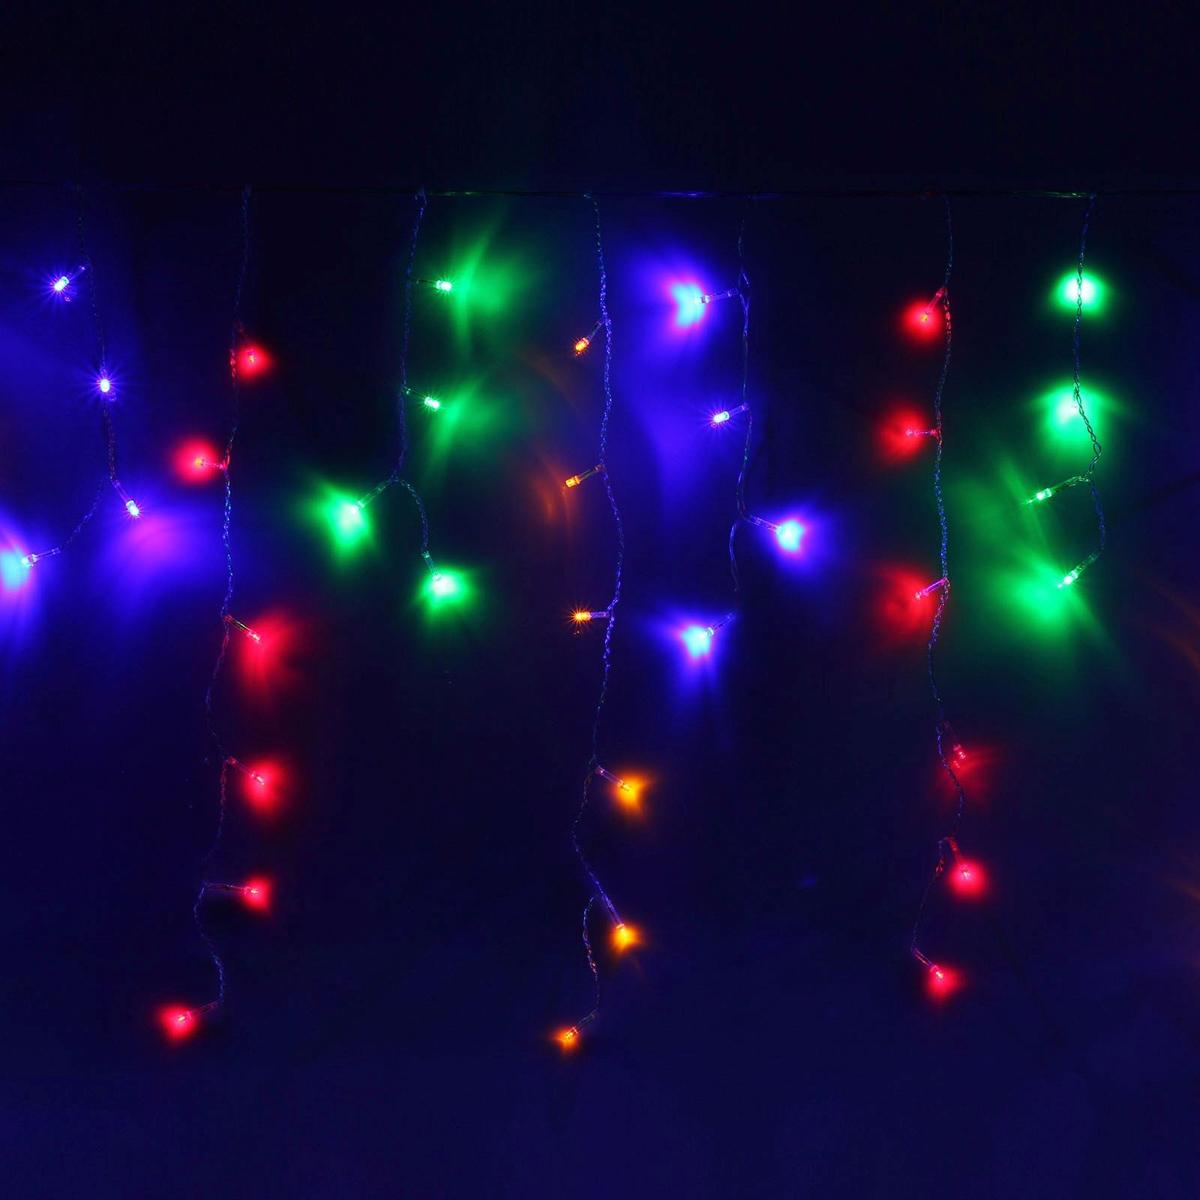 Гирлянда светодиодная Luazon Бахрома, уличная, 160 ламп, 240 V, цвет: мультиколор, 3 х 0,6 м. 187277187277Светодиодные гирлянды, ленты и т.д — это отличный вариант для новогоднего оформления интерьера или фасада. С их помощью помещение любого размера можно превратить в праздничный зал, а внешние элементы зданий, украшенные ими, мгновенно станут напоминать очертания сказочного дворца. Такие украшения создают ауру предвкушения чуда. Деревья, фасады, витрины, окна и арки будто специально созданы, чтобы вы украсили их светящимися нитями.